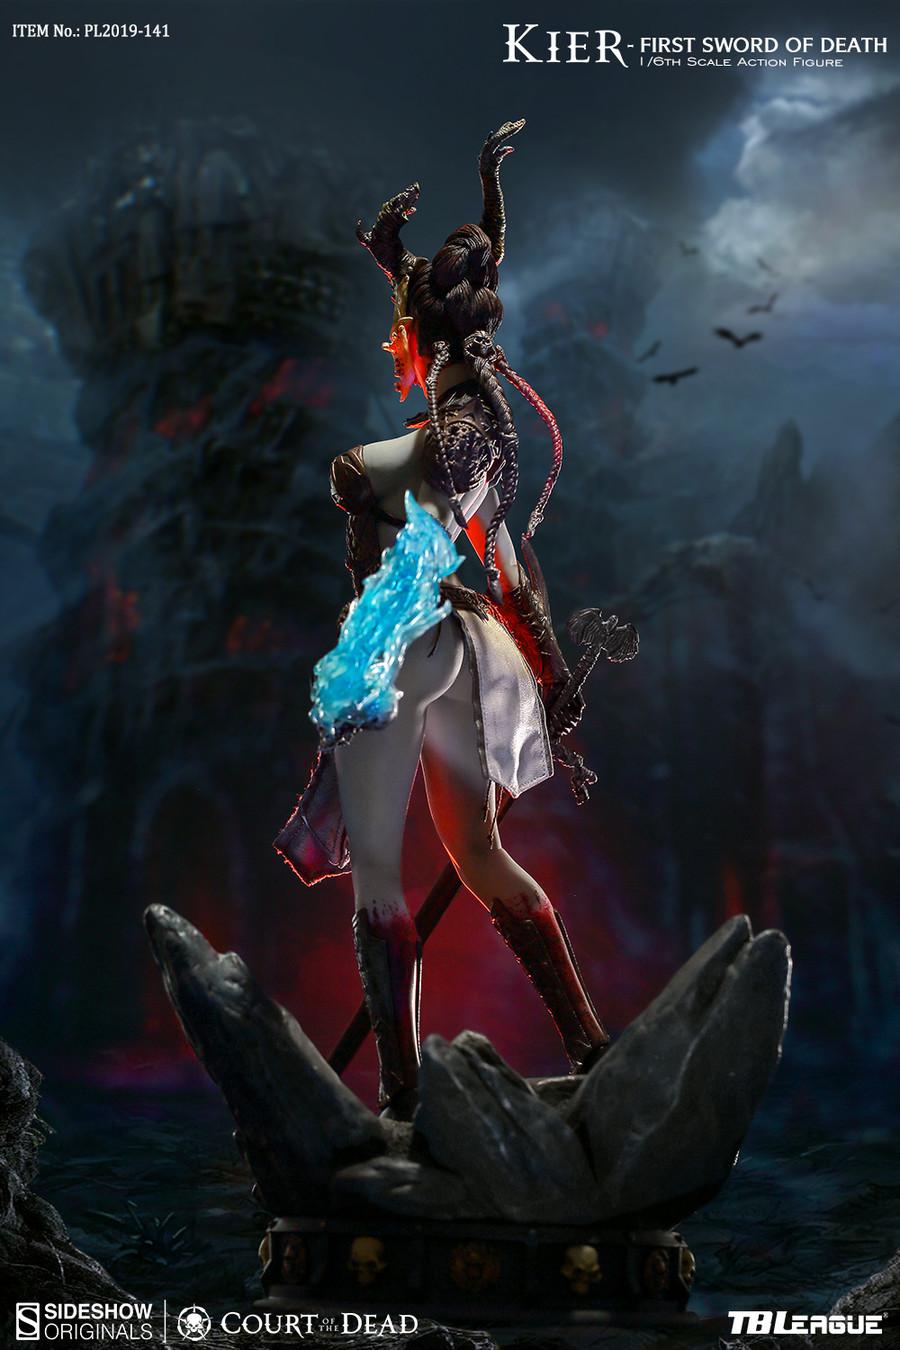 TBLeague X Sideshow - Kier-First Sword of Death